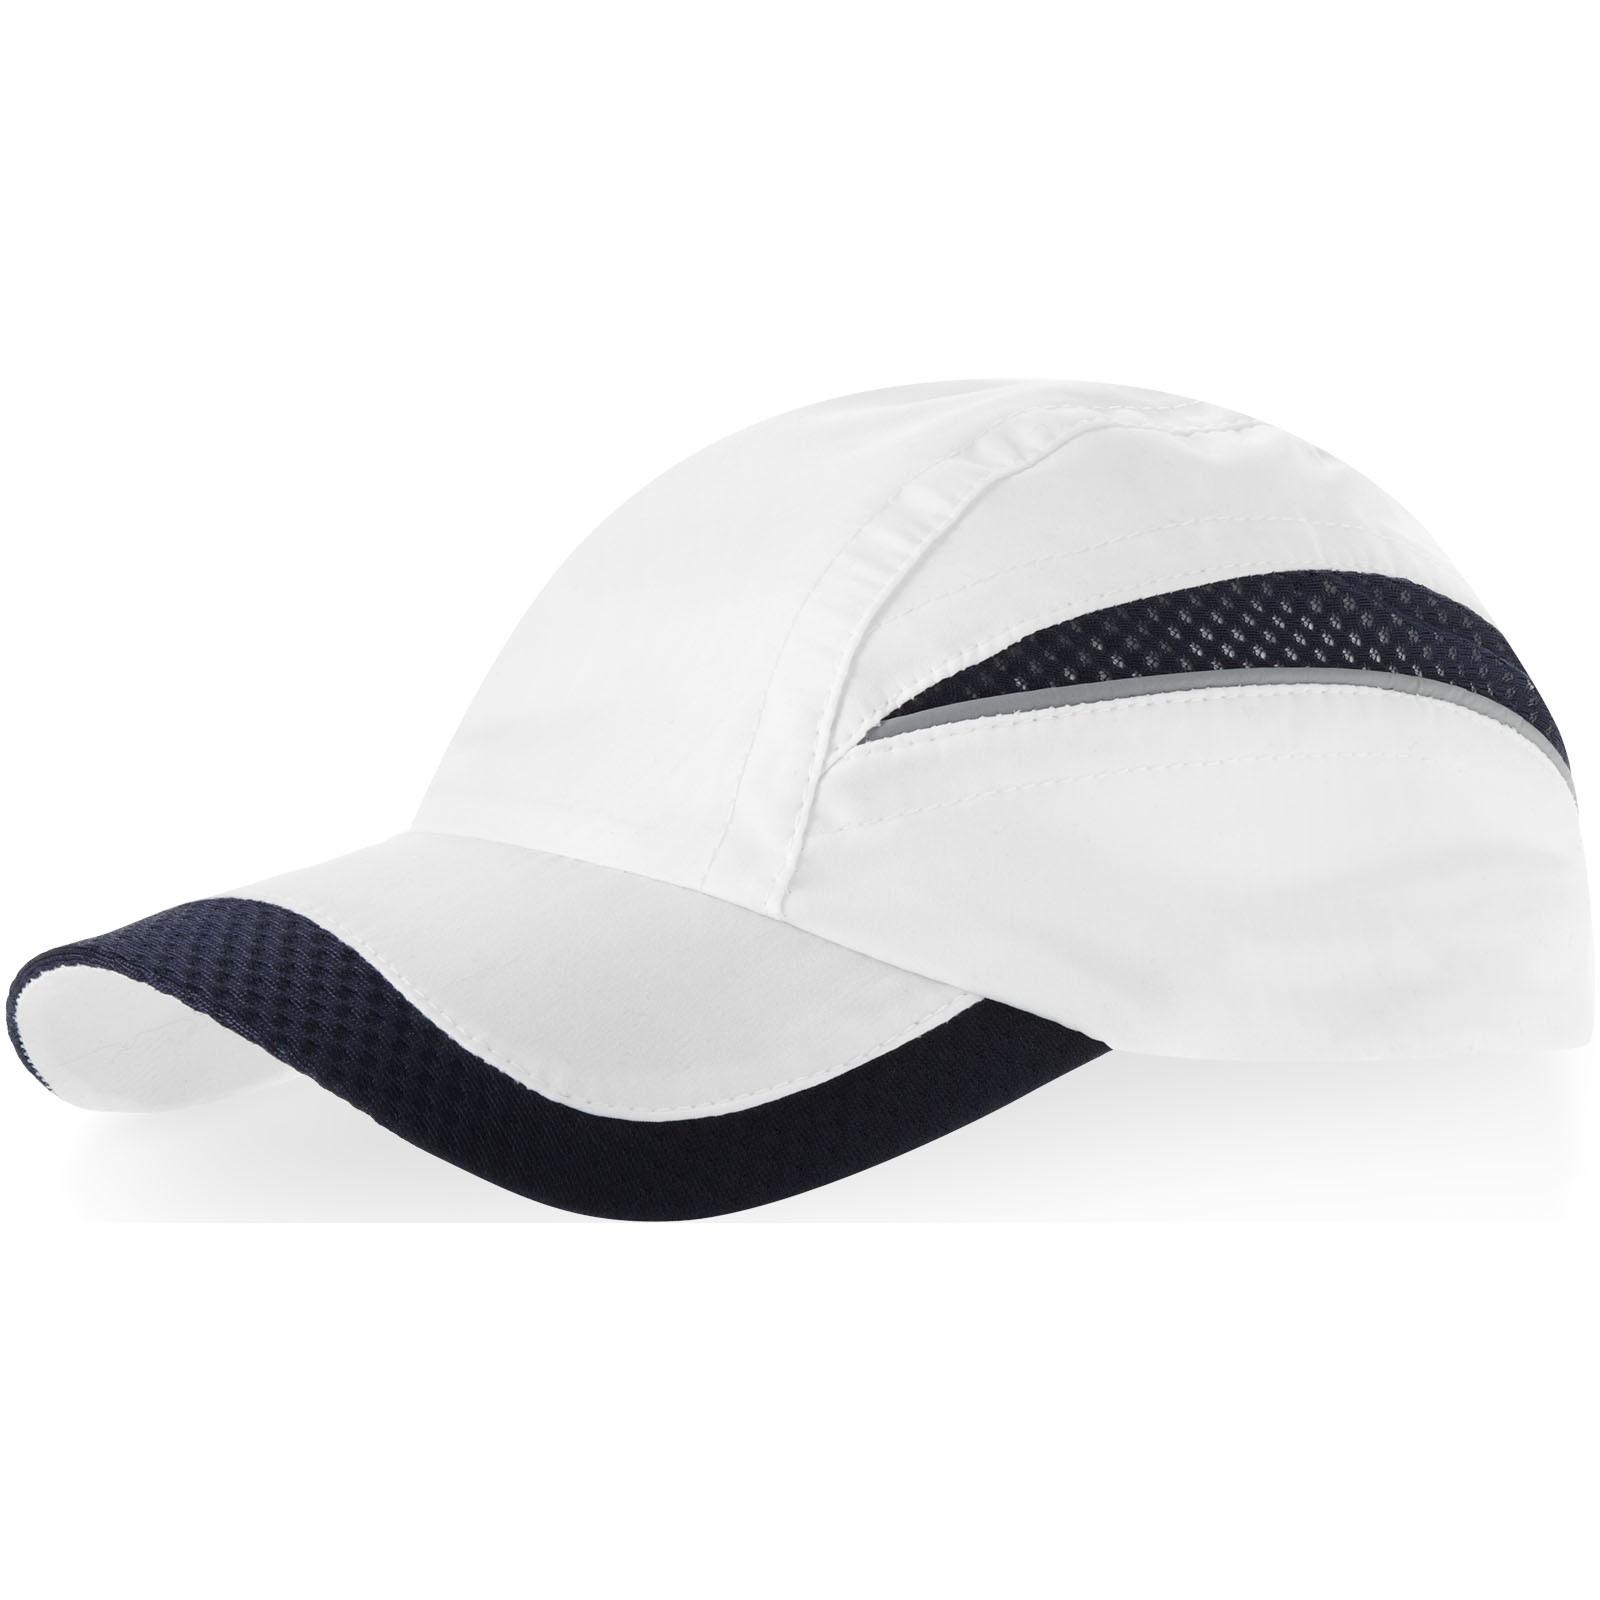 Síťovaná kšiltovka Qualifier se 6 panely - Bílá / Navy